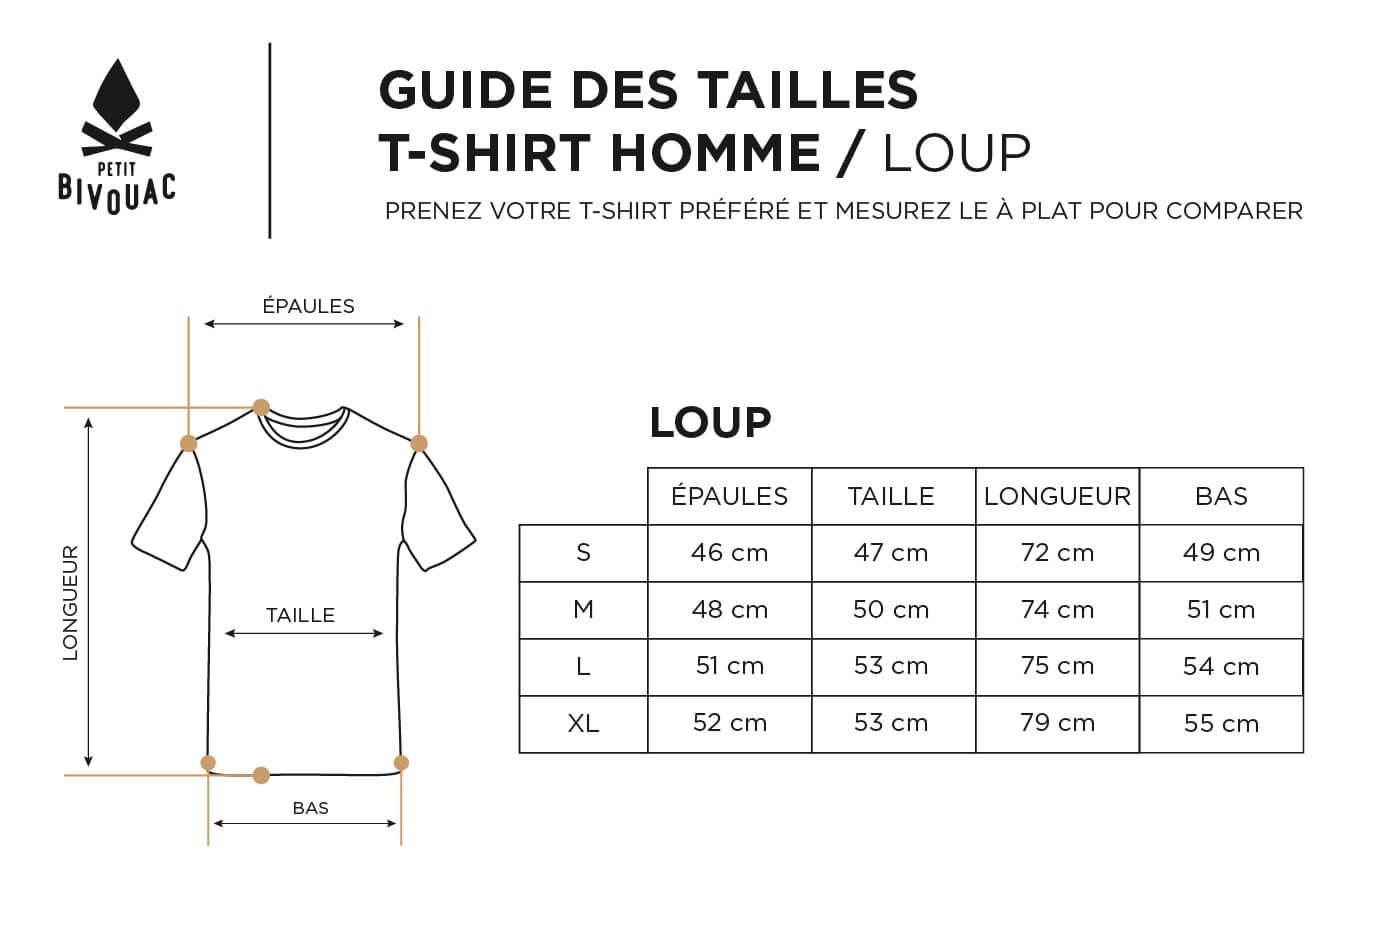 Guide des tailles-homme-loup_Petit Bivouac